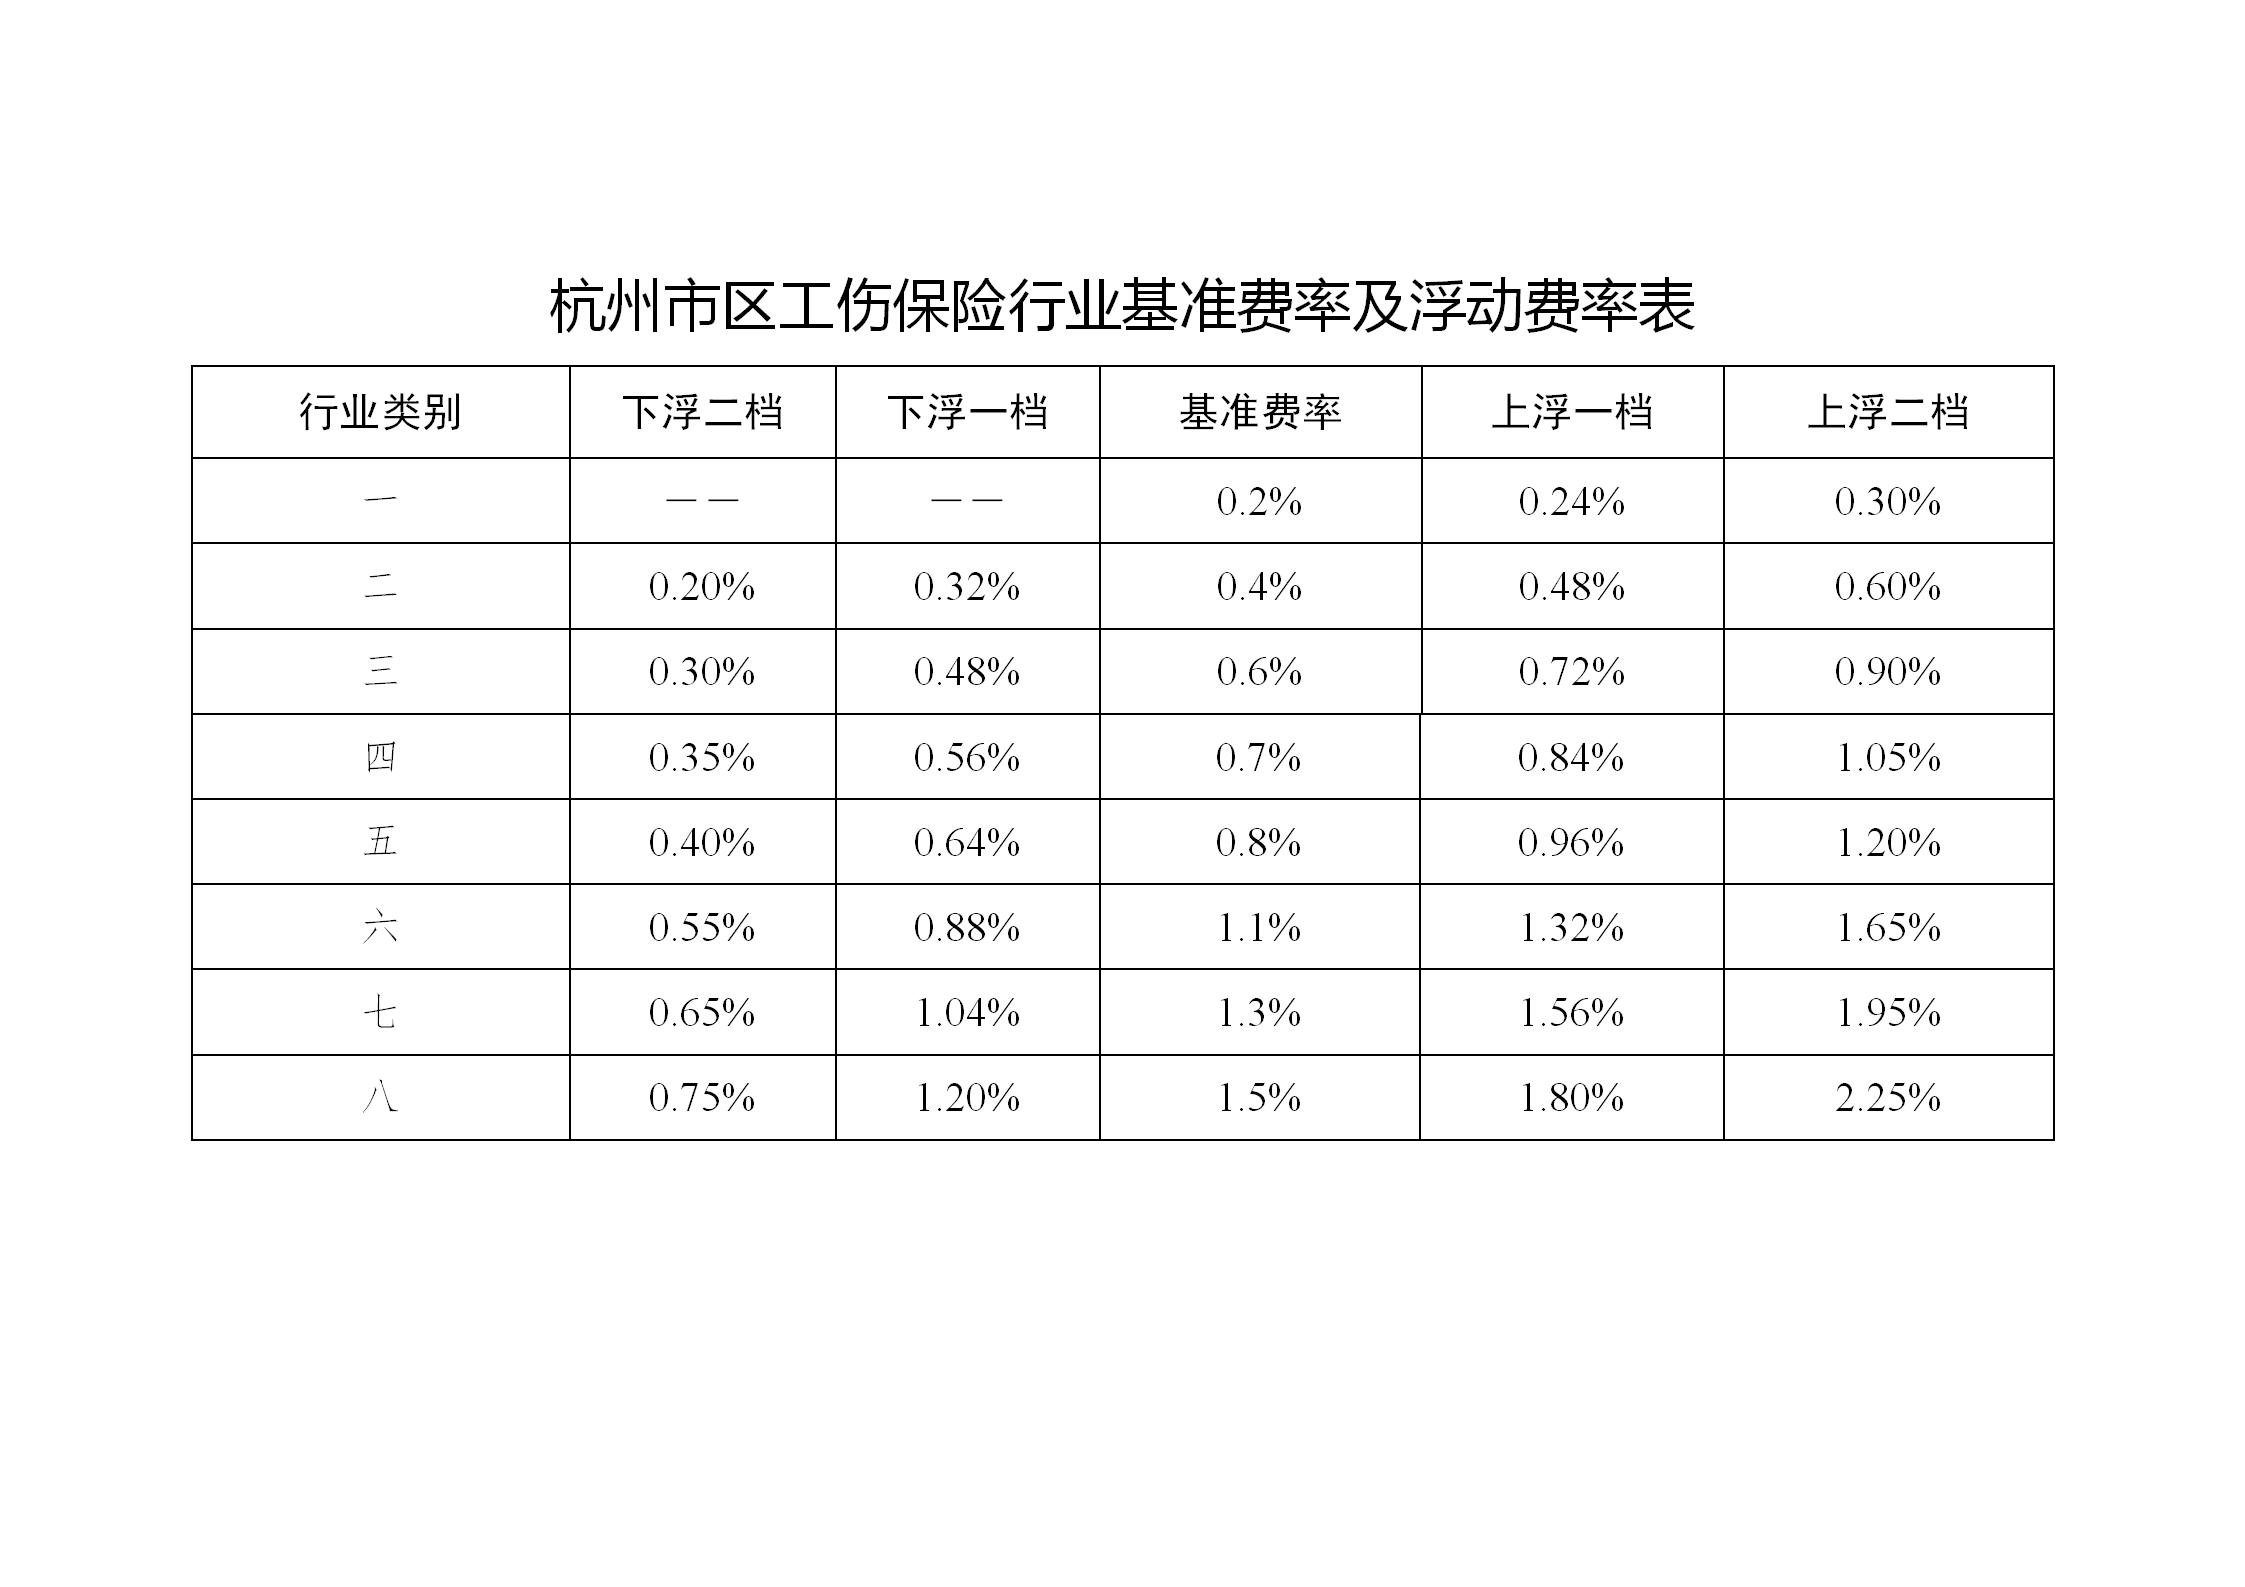 杭州市工伤保险费率浮动实施办法解读